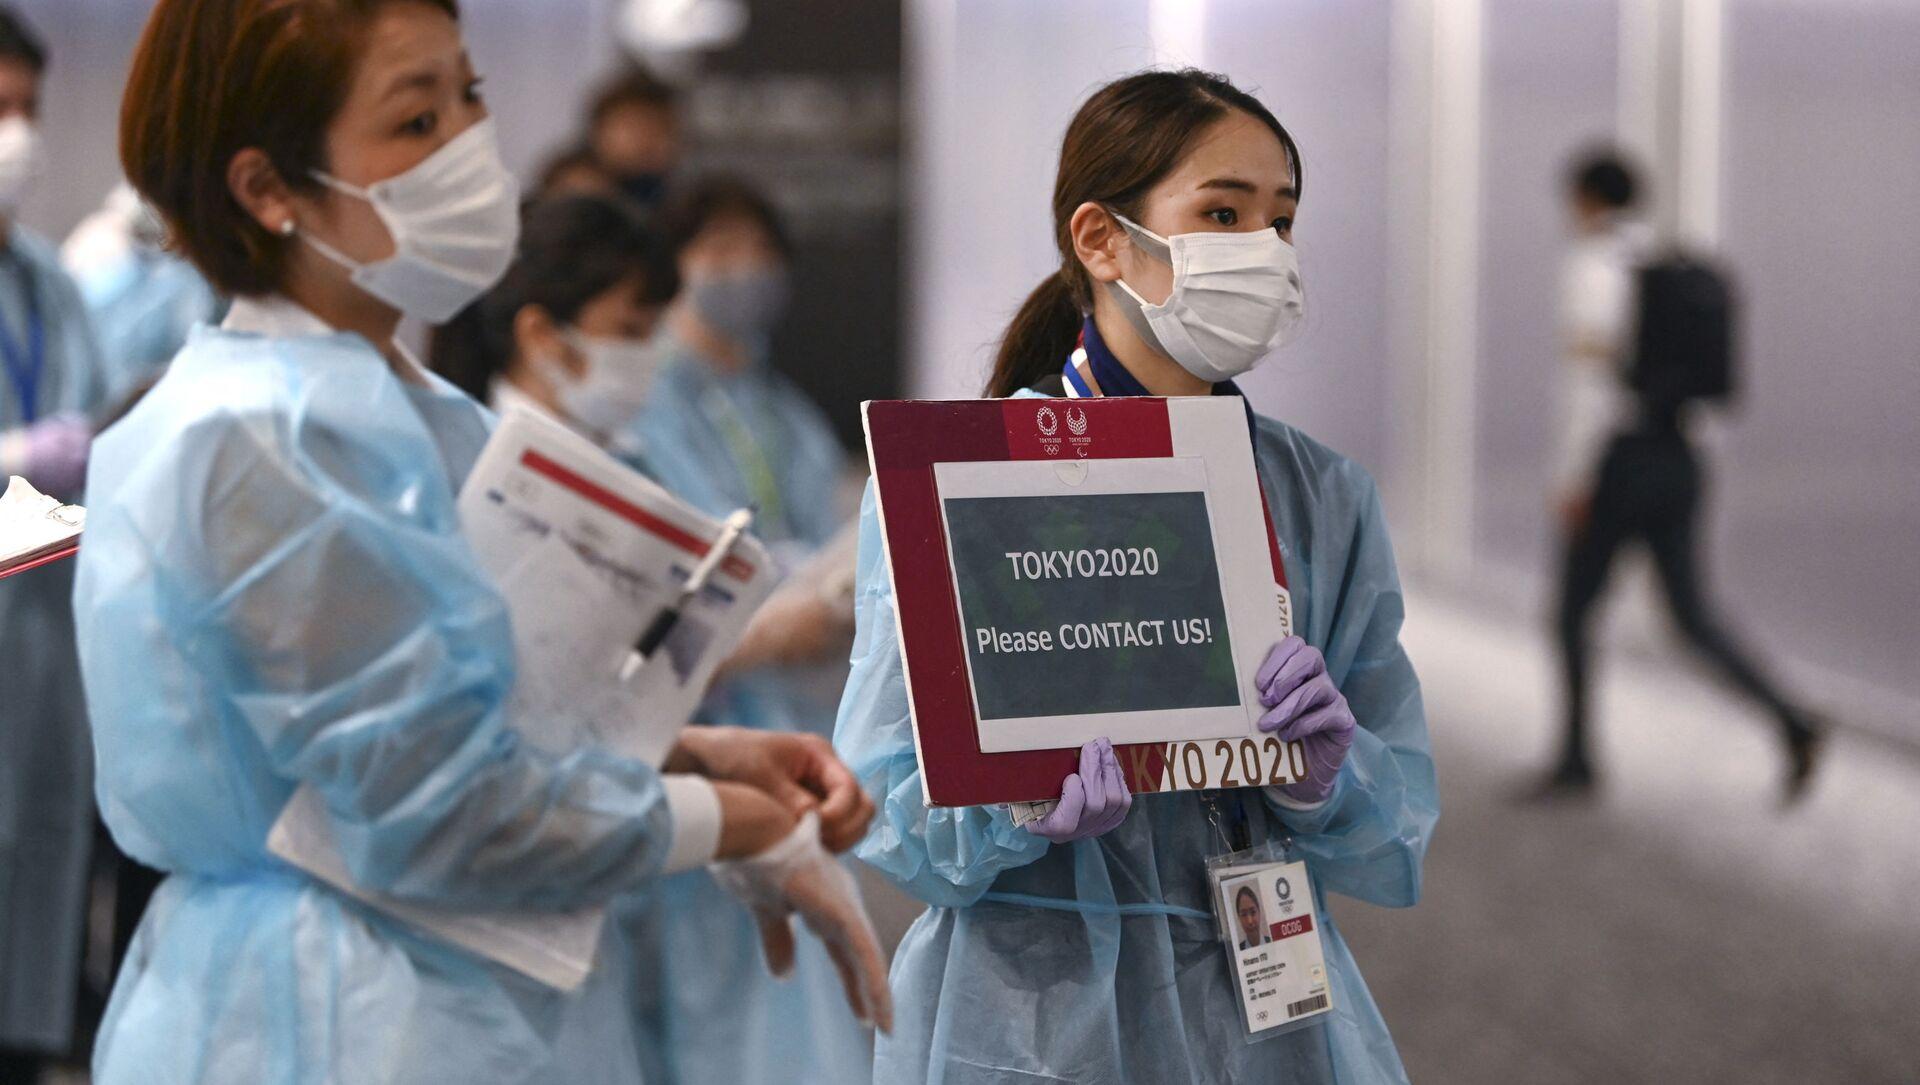 Nhân viên sân bay đón các vận động viên tham gia Thế vận hội 2020 tại sân bay Narita - Sputnik Việt Nam, 1920, 07.08.2021